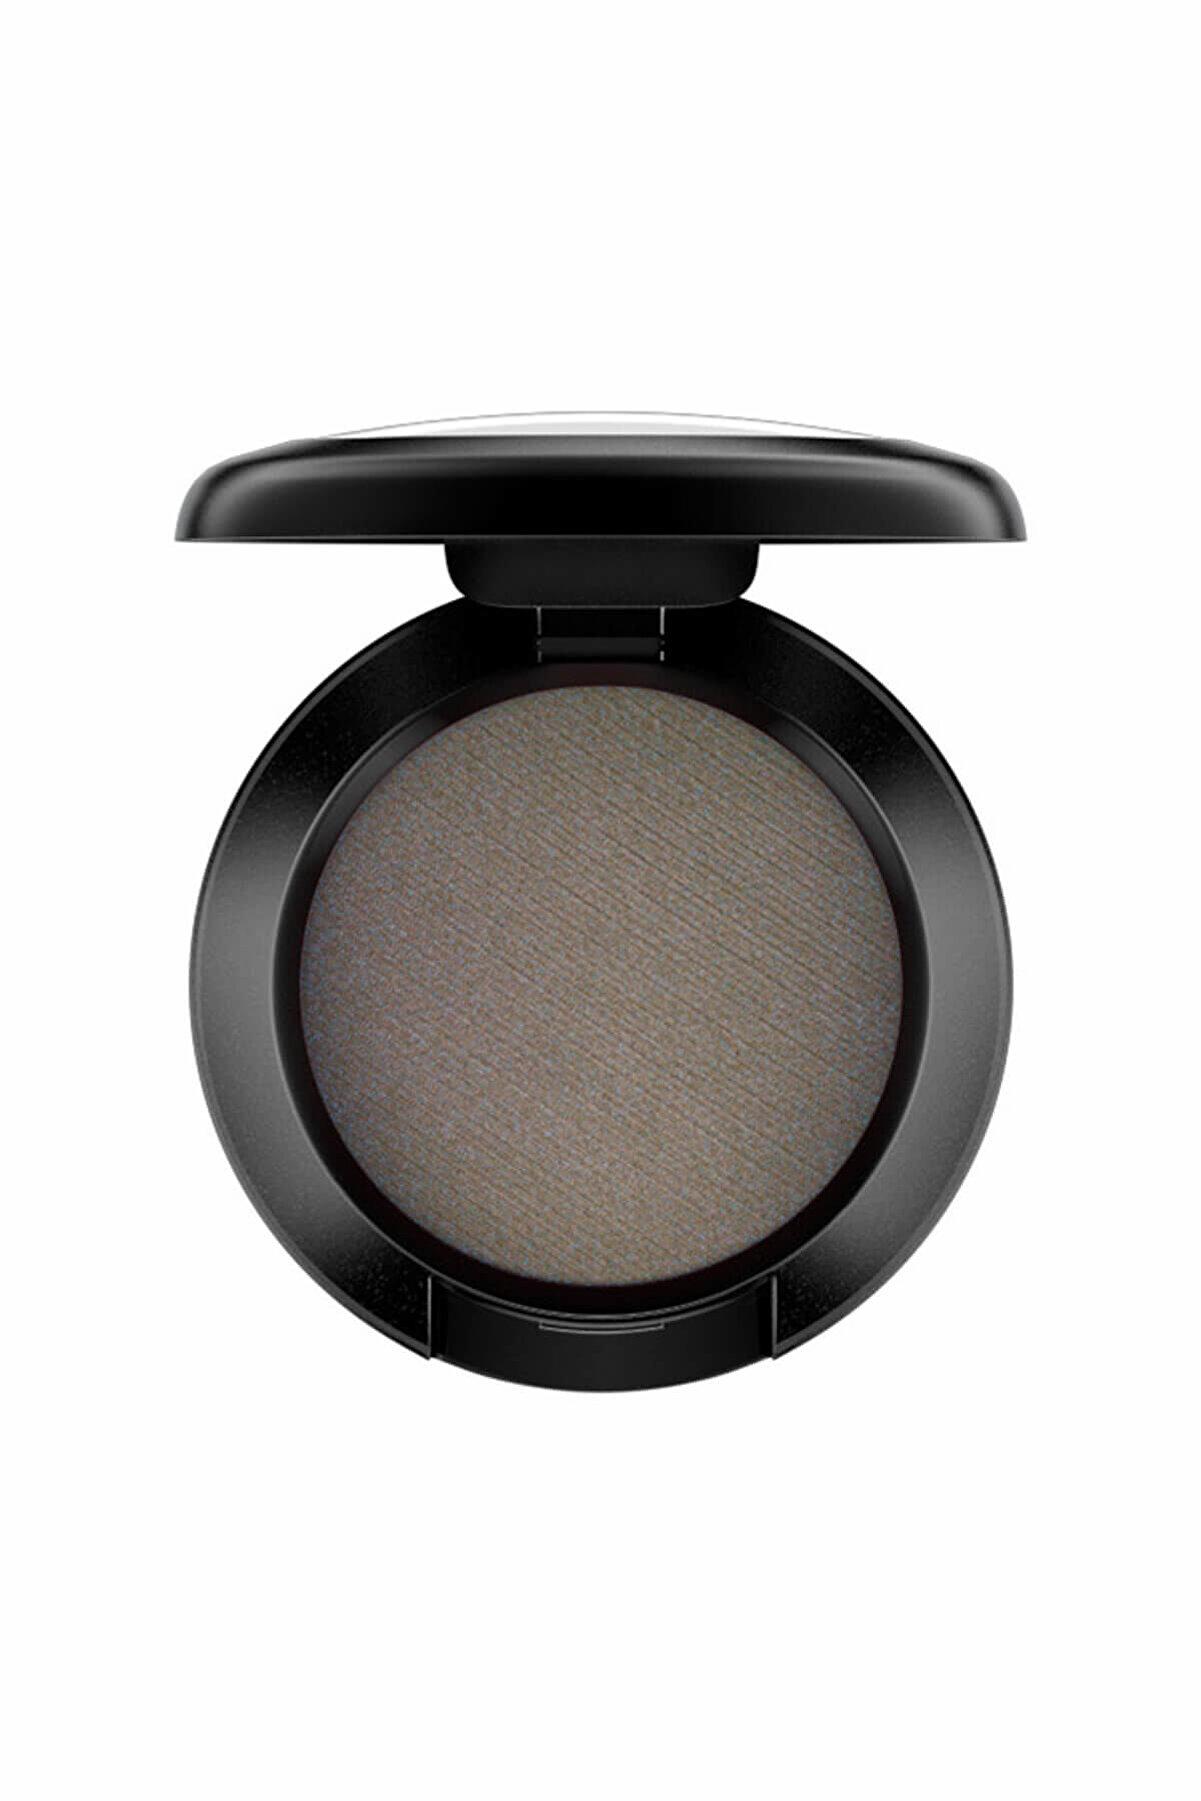 Mac Göz Farı - Eye Shadow Club 1.5 g 773602040377